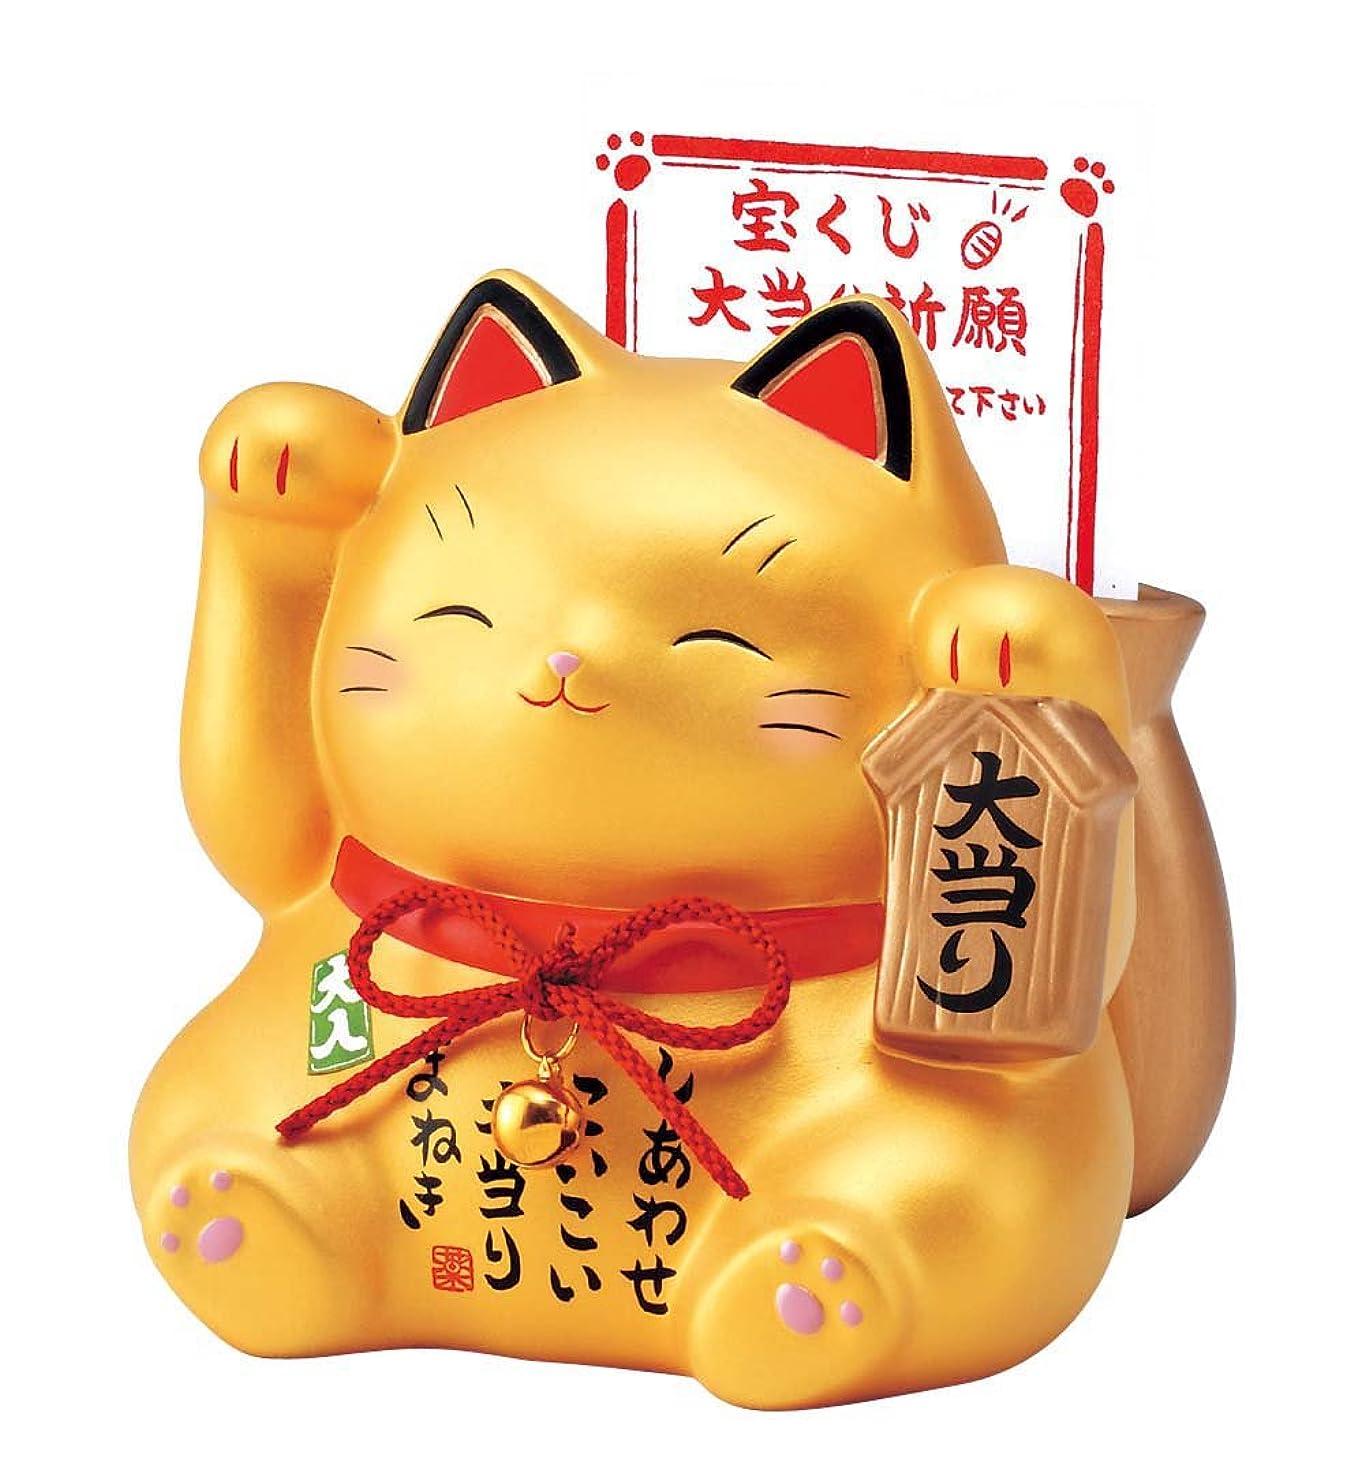 非武装化文庫本露彩耀大当り招き猫(金)(宝くじ入れ貯金箱) 7423